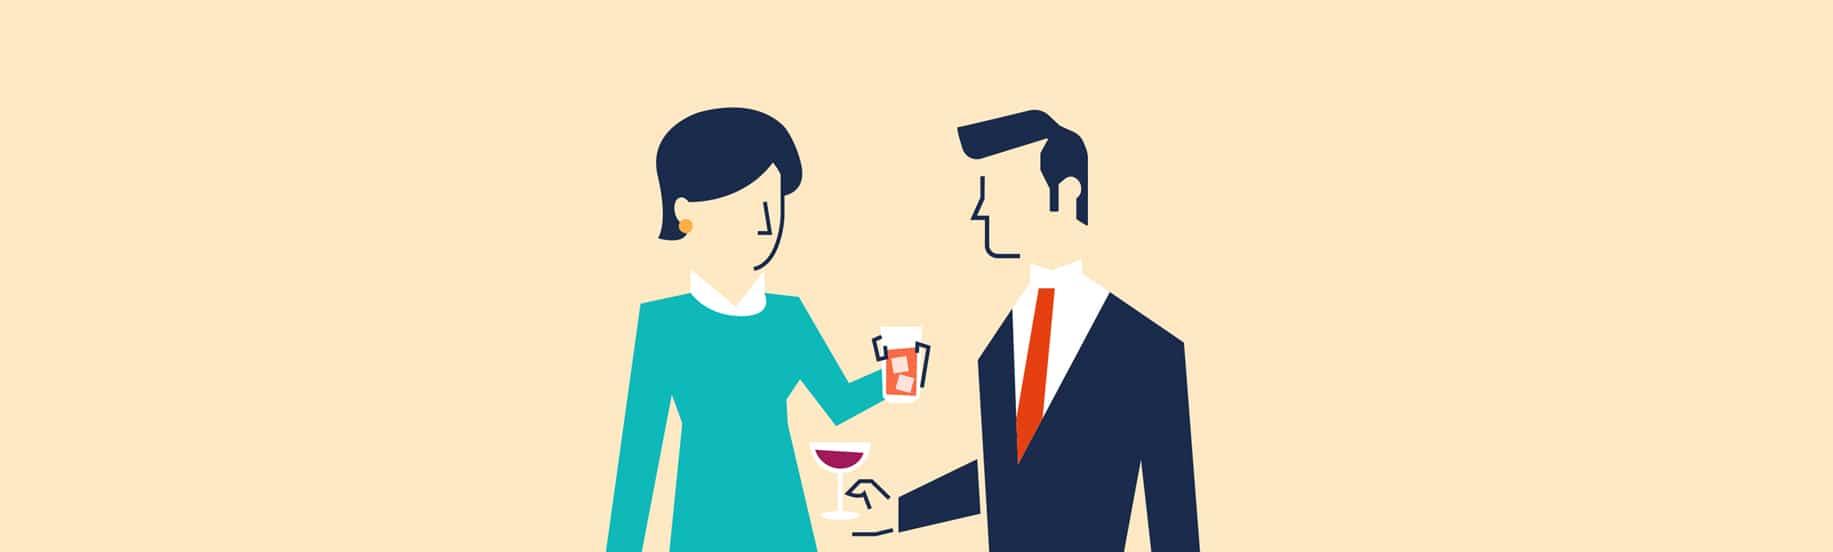 Illustration de deux personnes a un cocktail